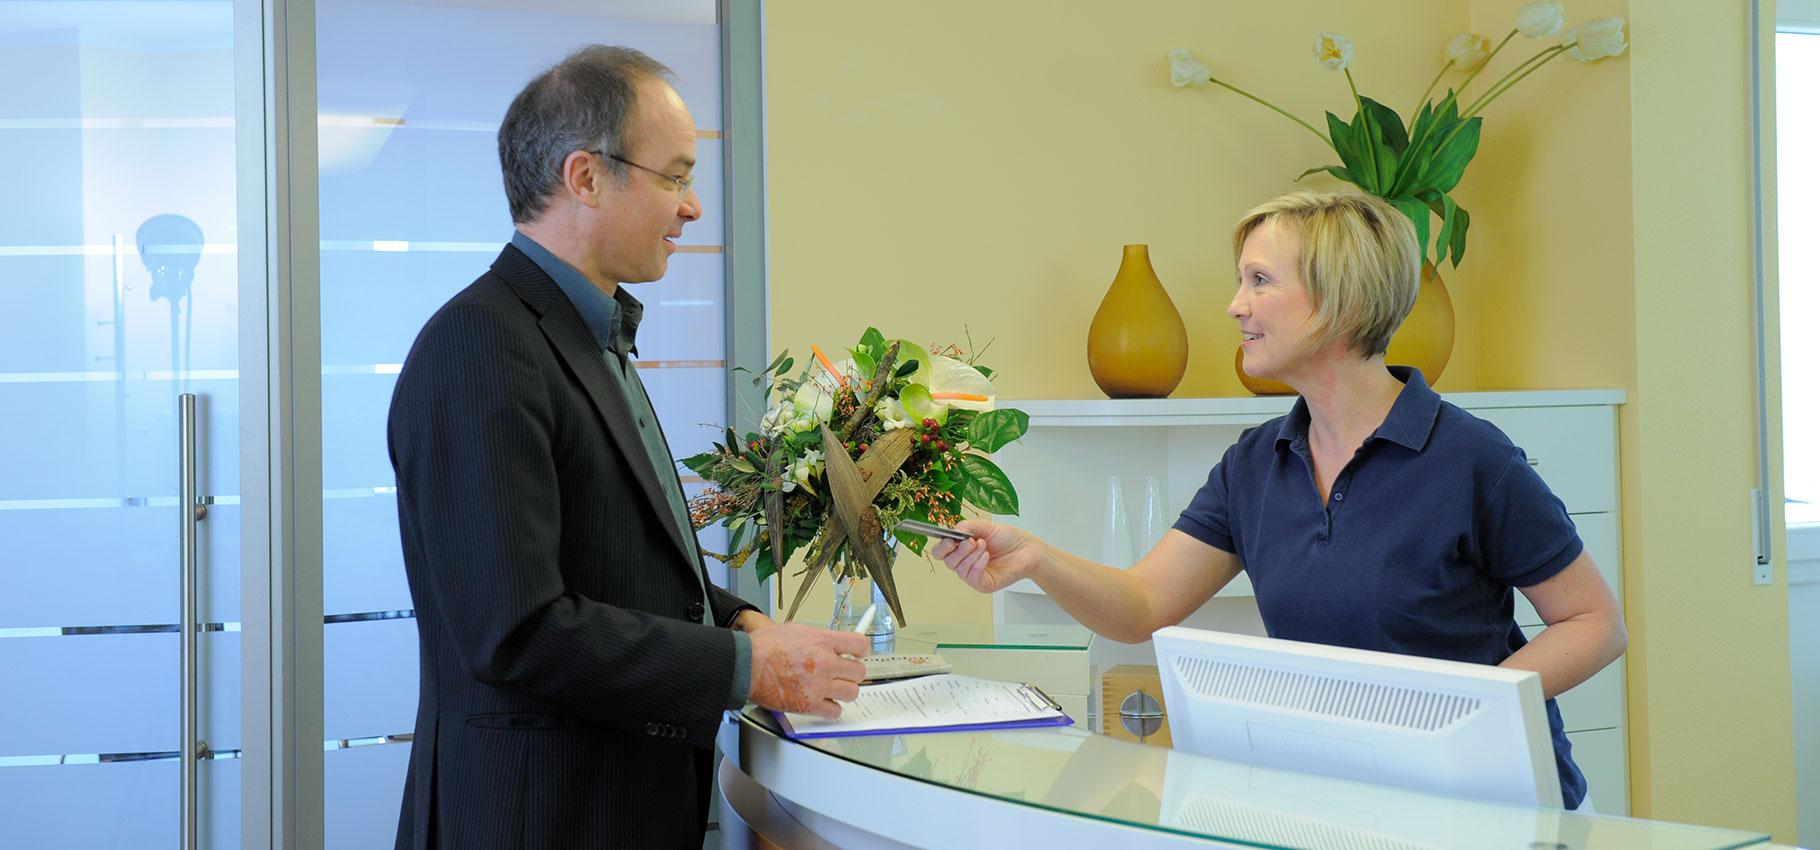 Wir begrüßen Sie in der Zahnarztpraxis Schmidbauer in Dingolfing